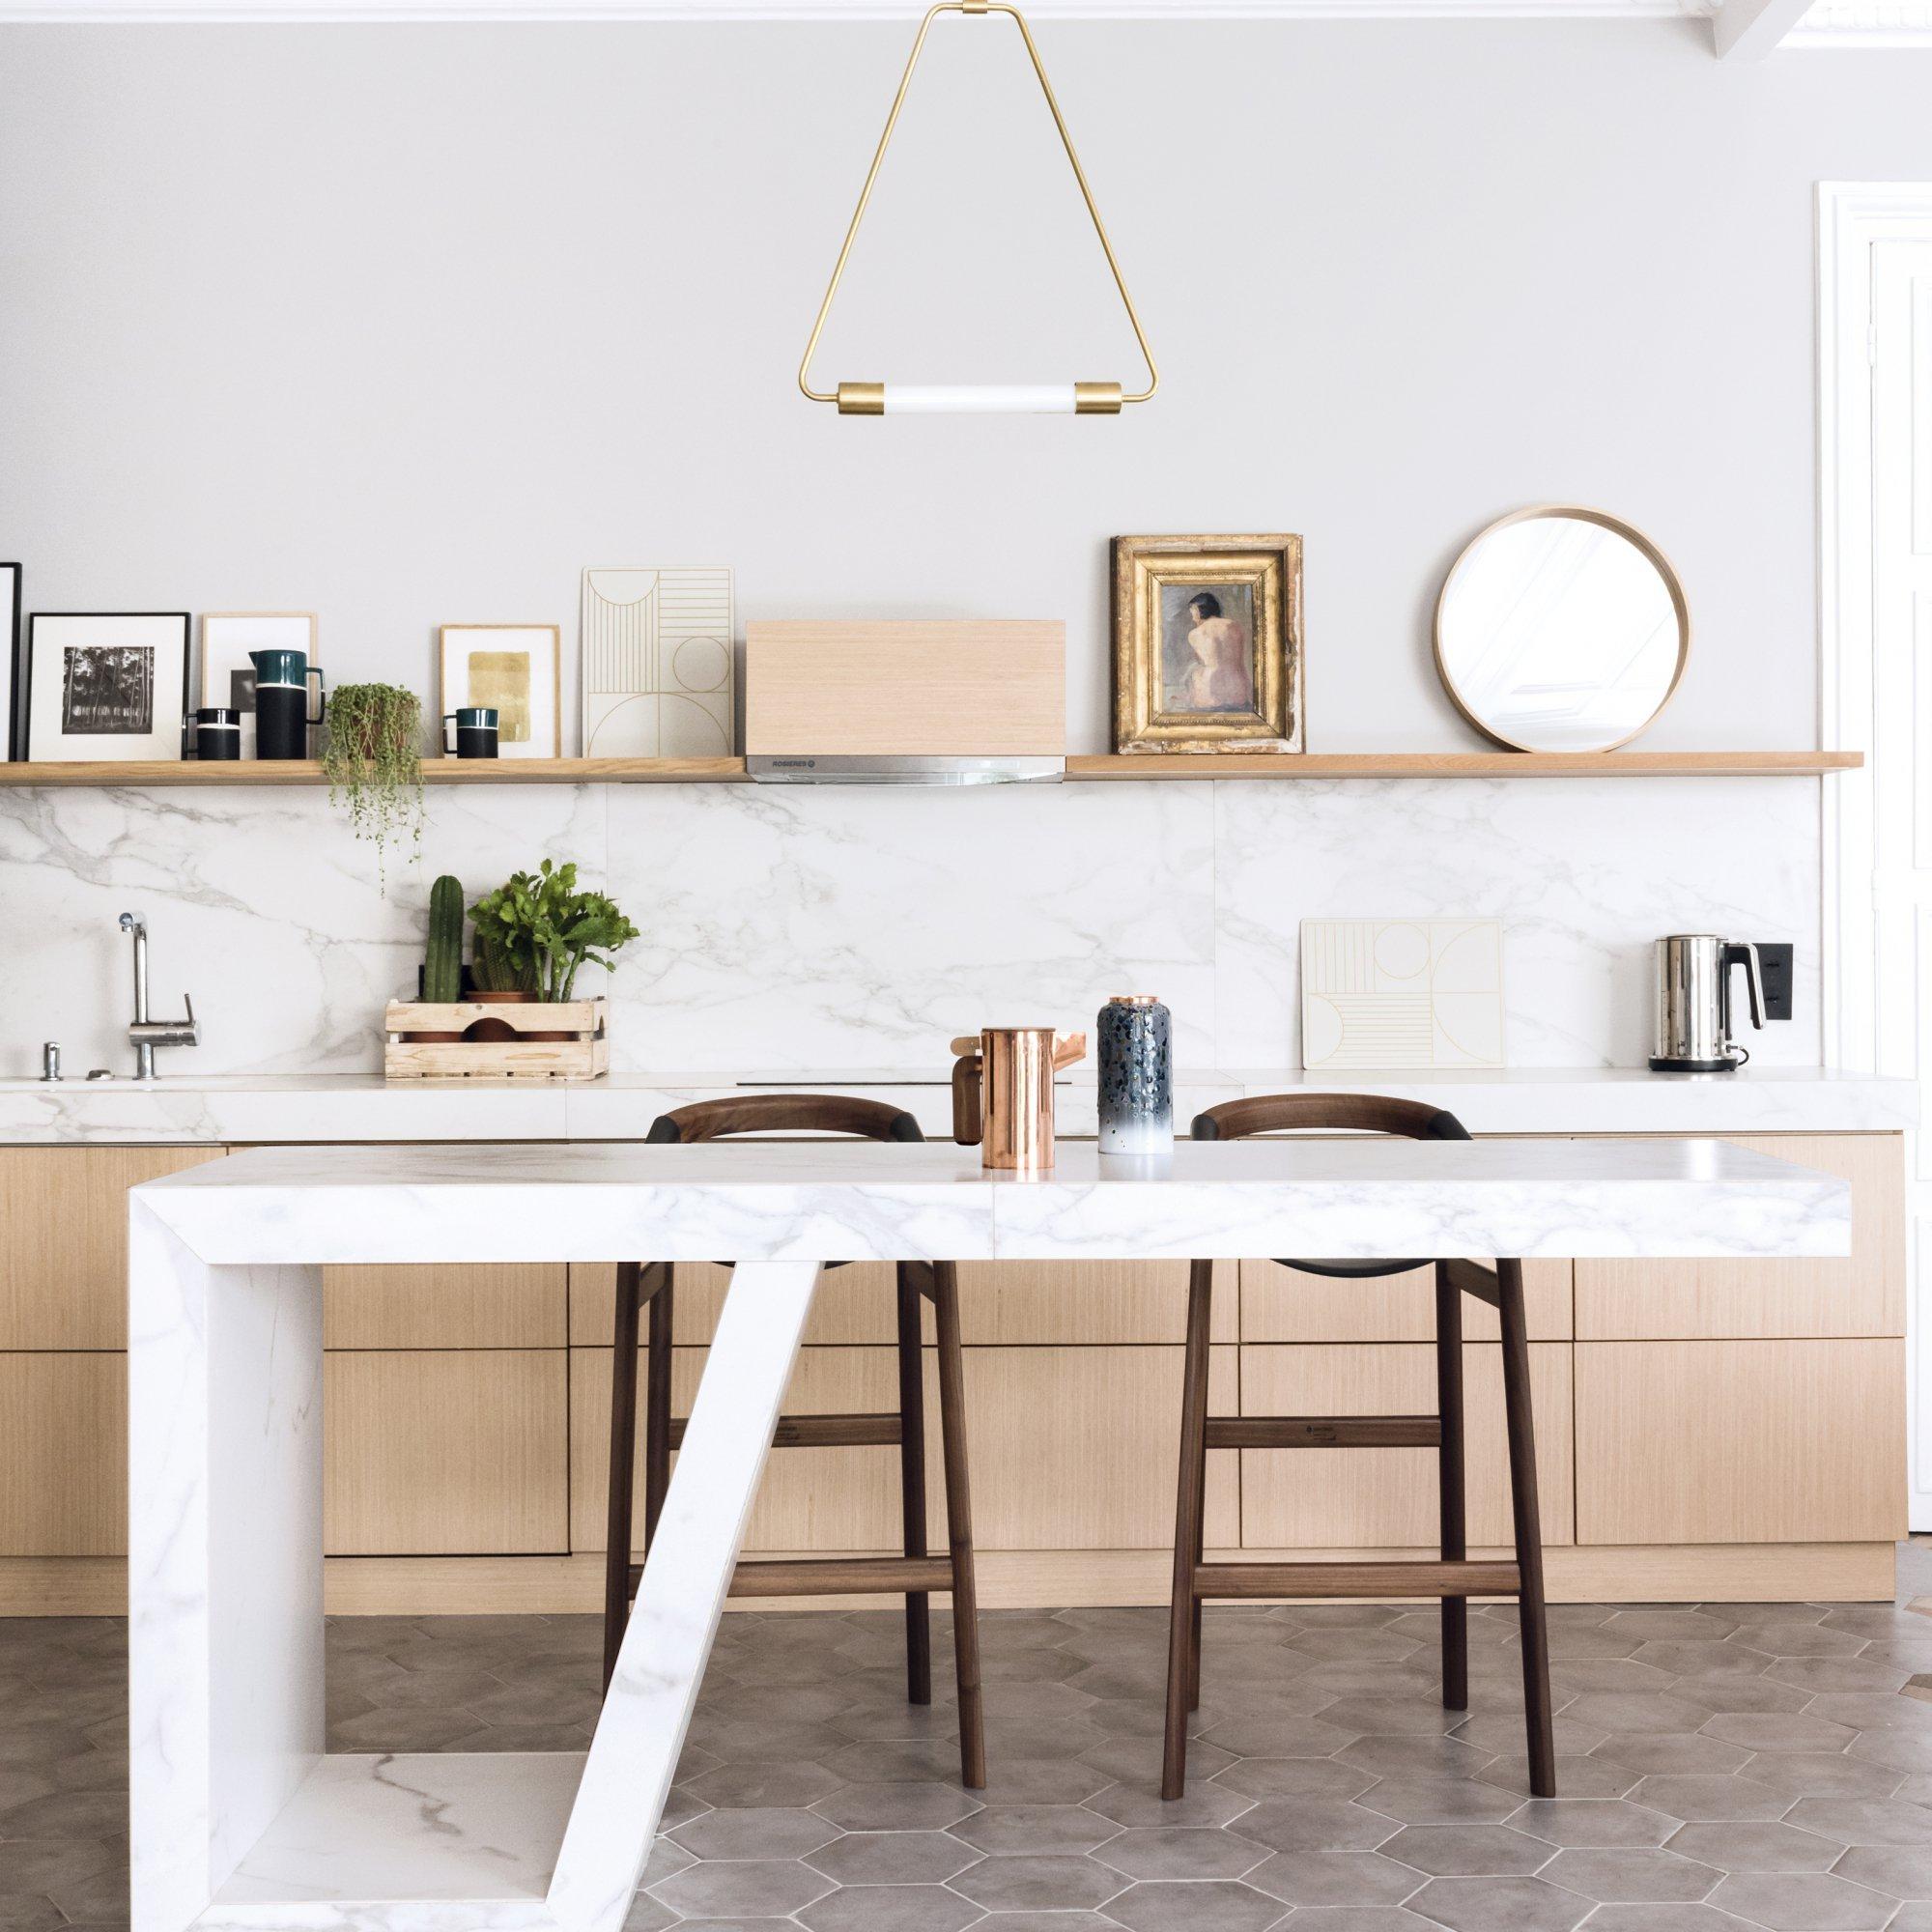 cadres-mur-cuisine-blanche (1) - agence immobilière la clef